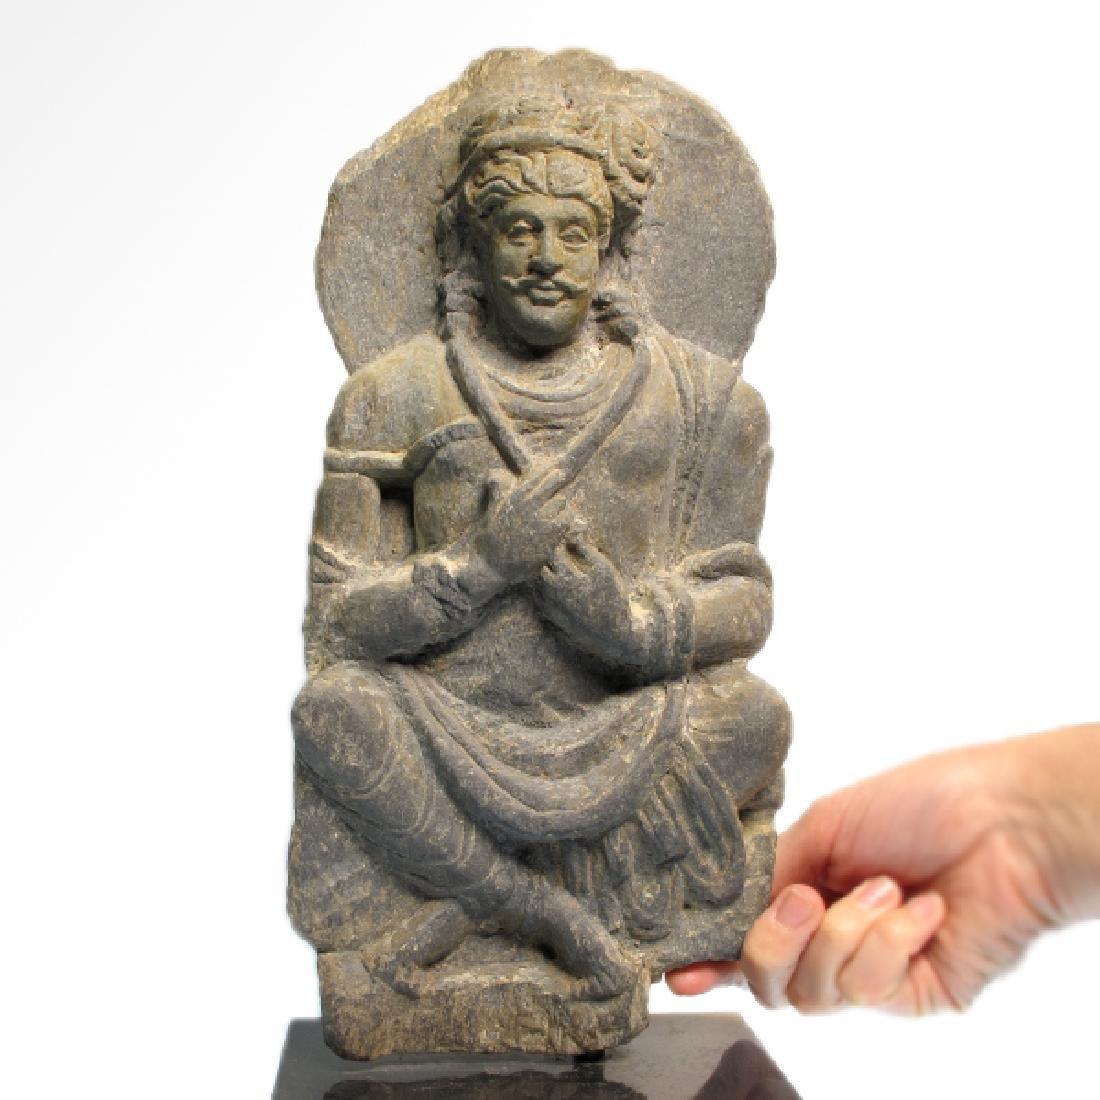 Gandhara Schist Relief Figure of a Bodhisattva, c. - 4